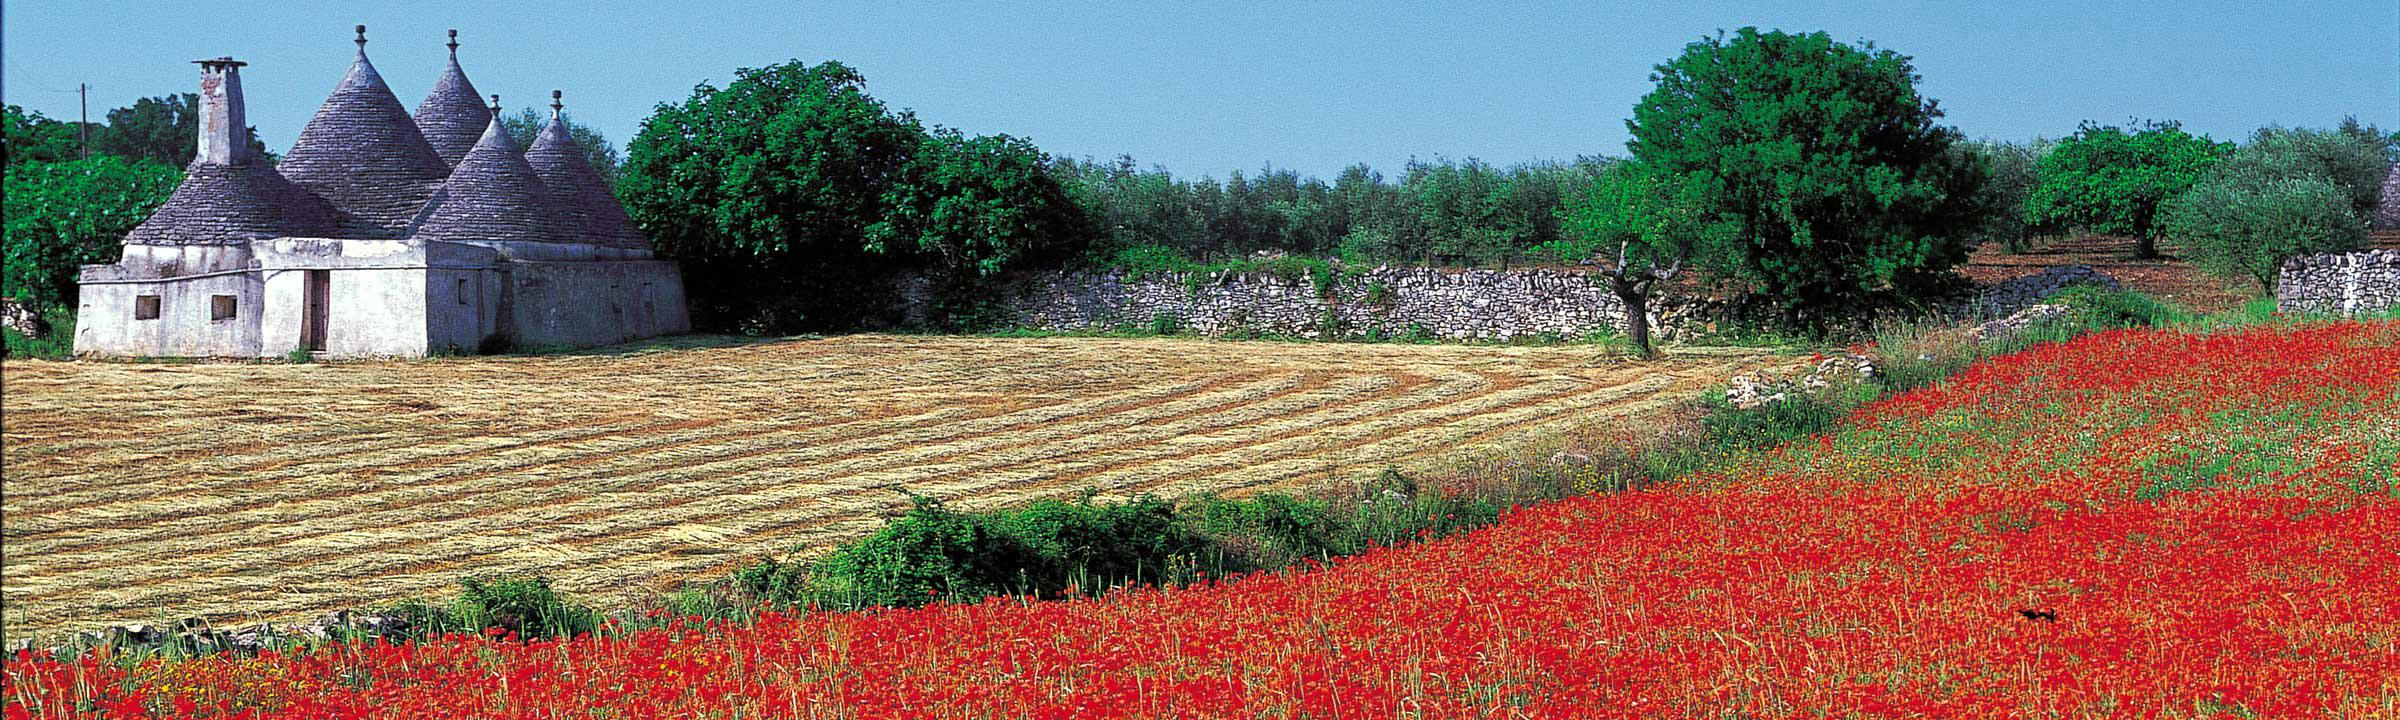 Puglia, Italy scenic landscape